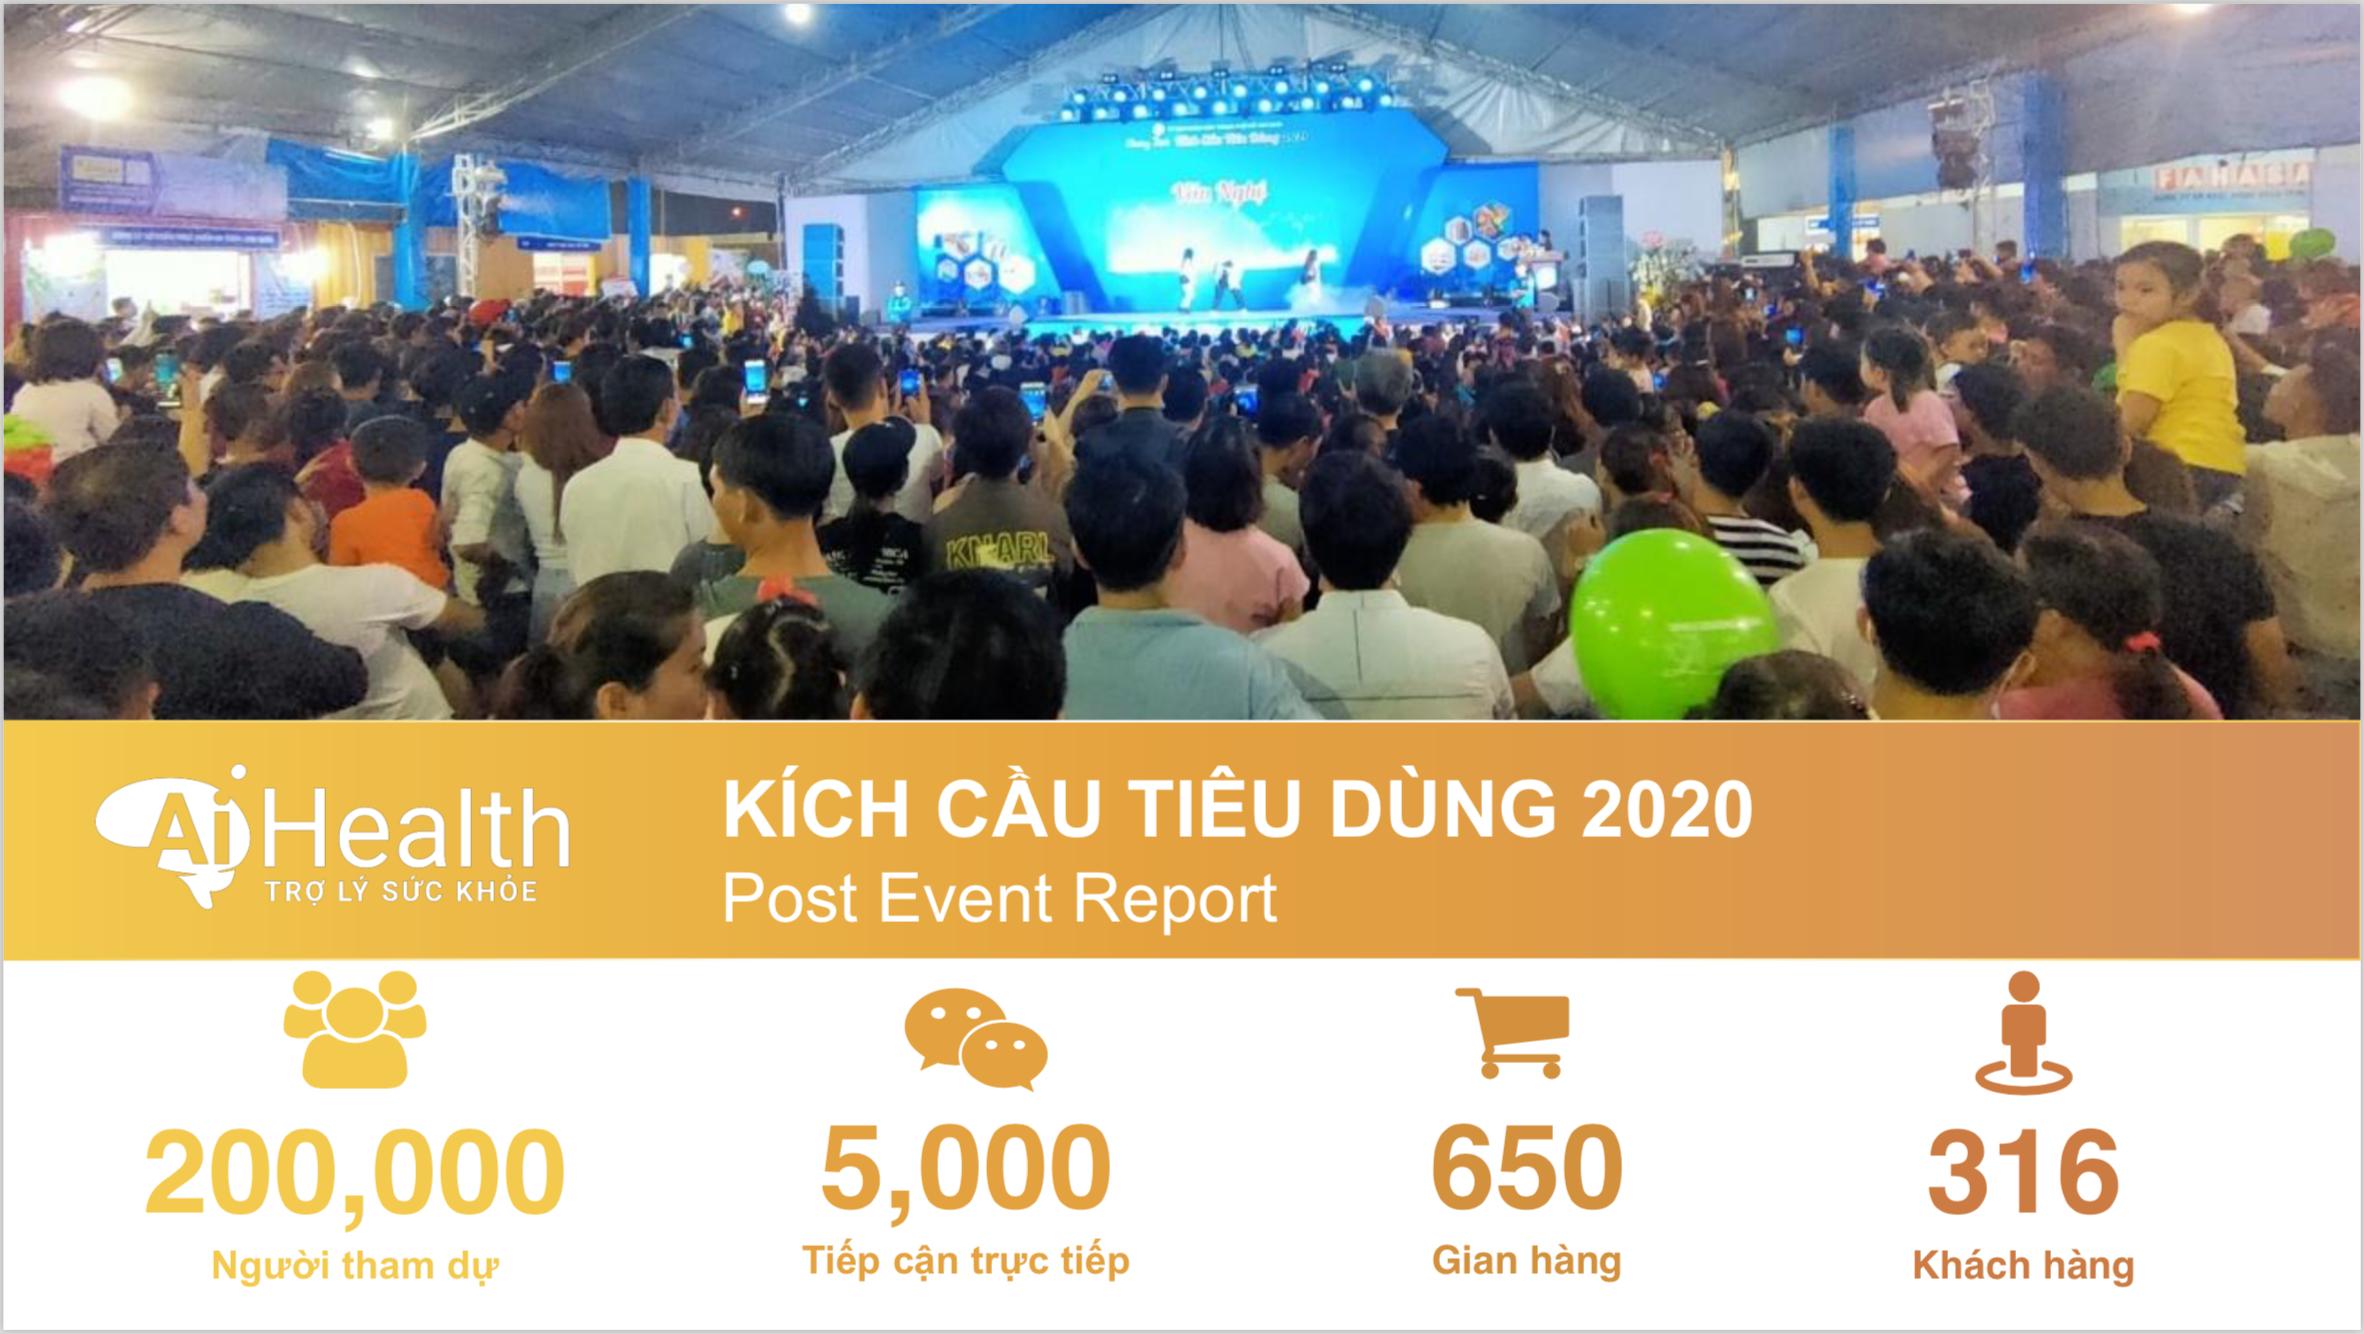 Hơn 200,000 Khách hàng tham quan sự kiện Kích Cầu Tiêu Dùng 2020